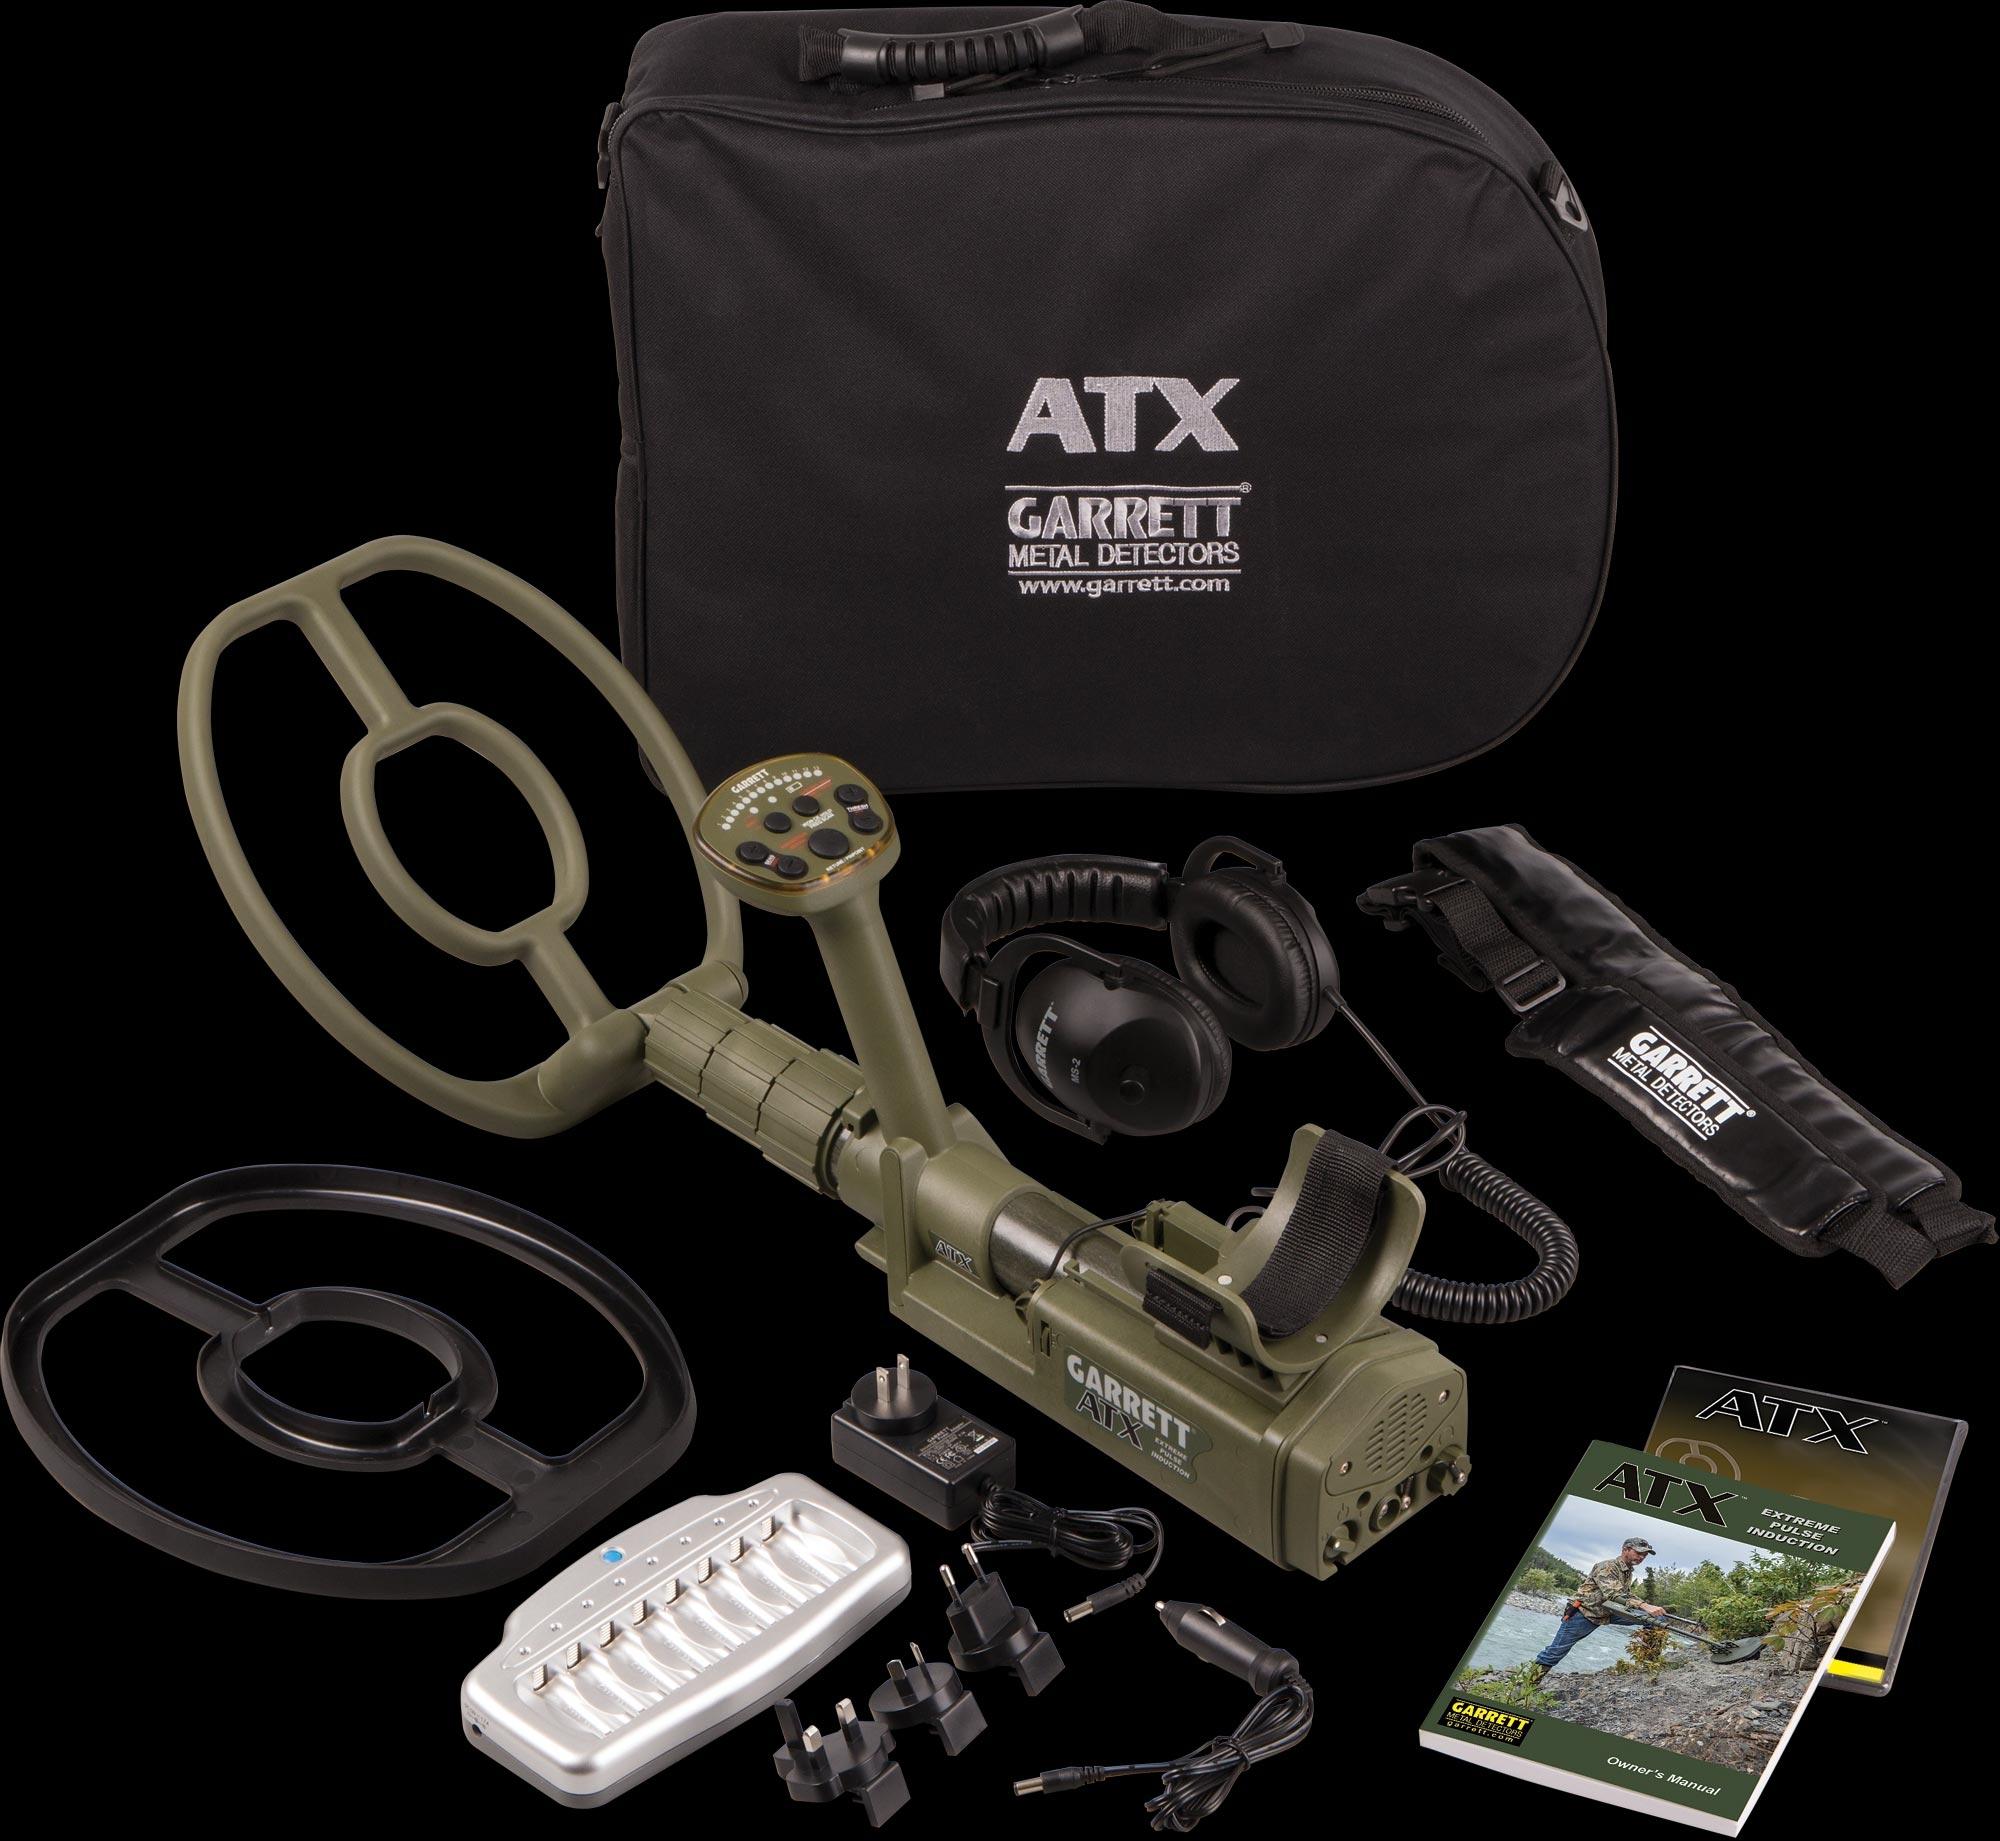 tecnolog/ía de inducci/ón pulsada /Detector de metales ATX para buscar oro Garrett/